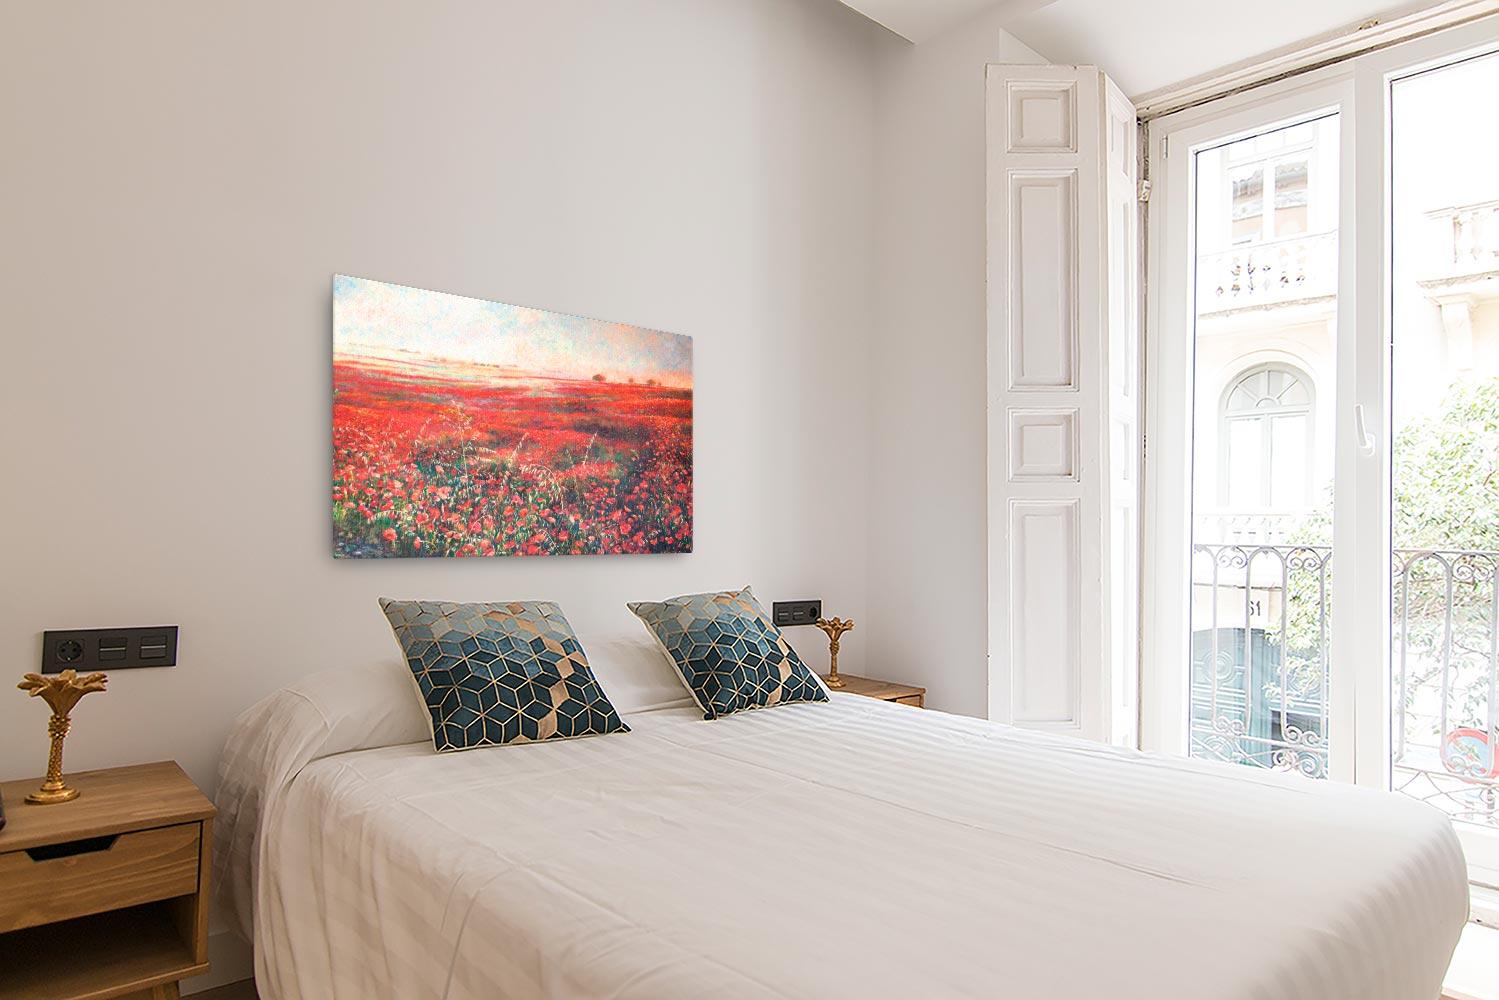 Reproducción de arte en lienzo - dormitorio con balcón - Termino de Valverde 3 - Óleo - Paisaje - Naturalismo -pintado por Fernando Pagador